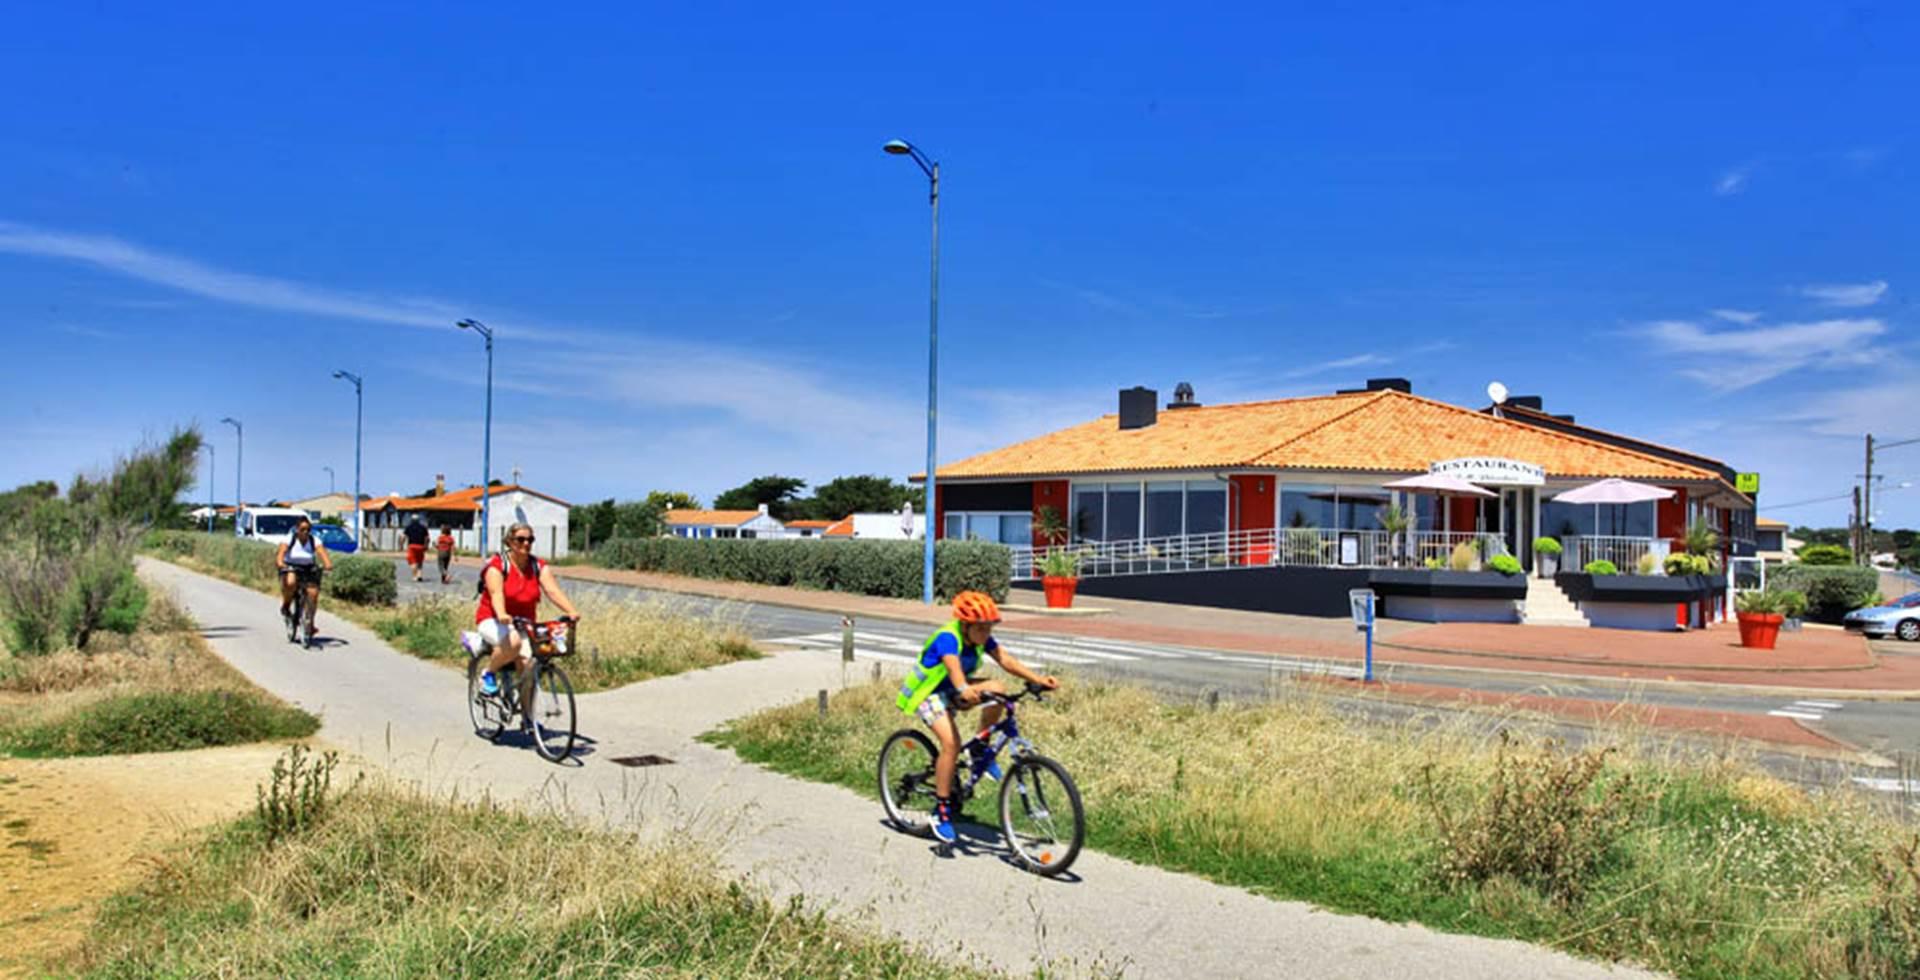 Balade en vélo sur la piste cyclable entre St Gilles et les Sables d'Olonne